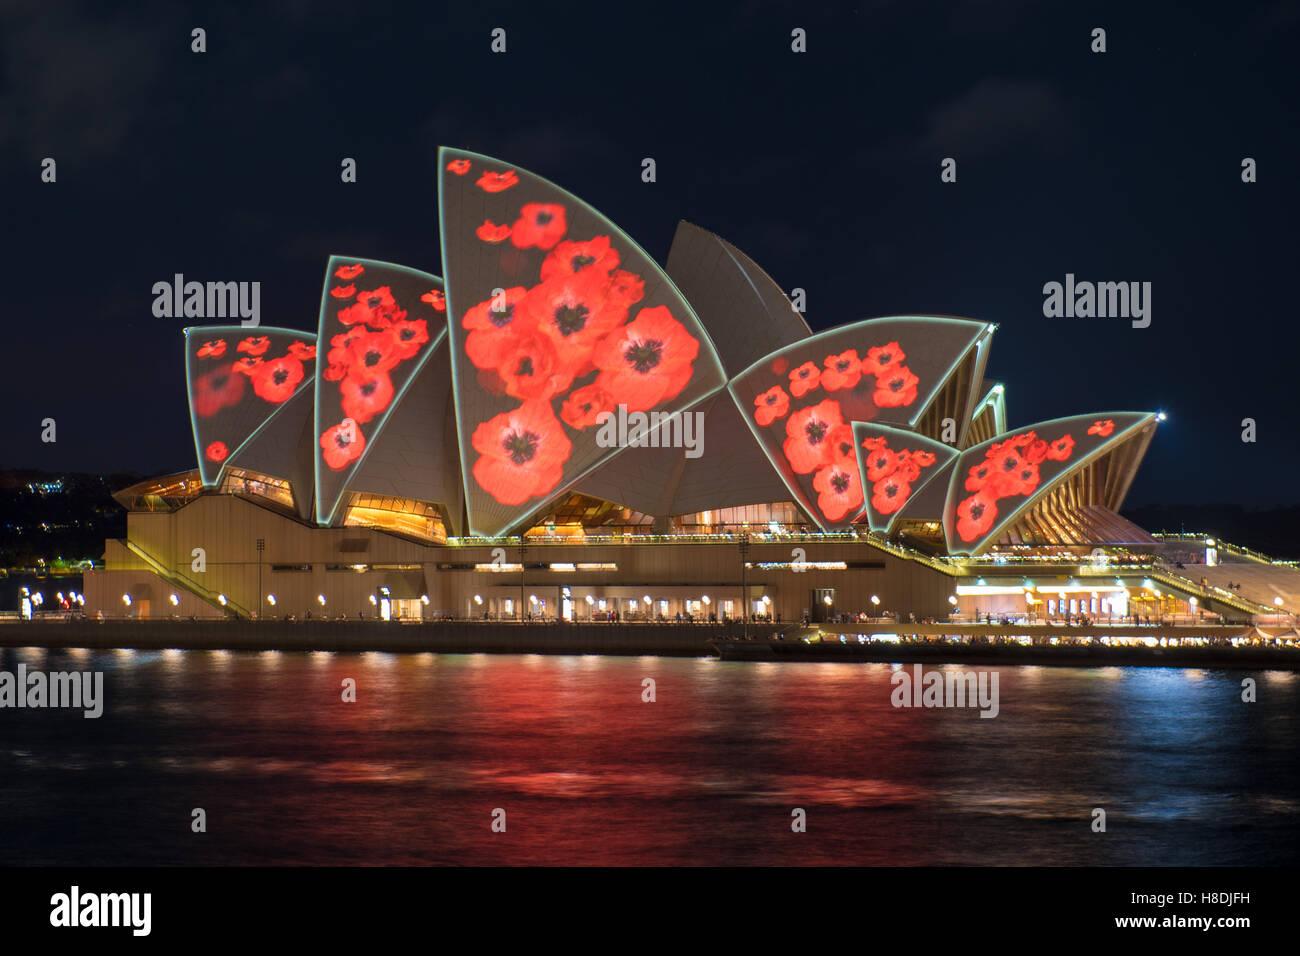 Sydney, Australia. 11 Nov, 2016. Sydney Opera House visto cubierto de luz proyectada amapolas para día de recuerdo. Imagen De Stock